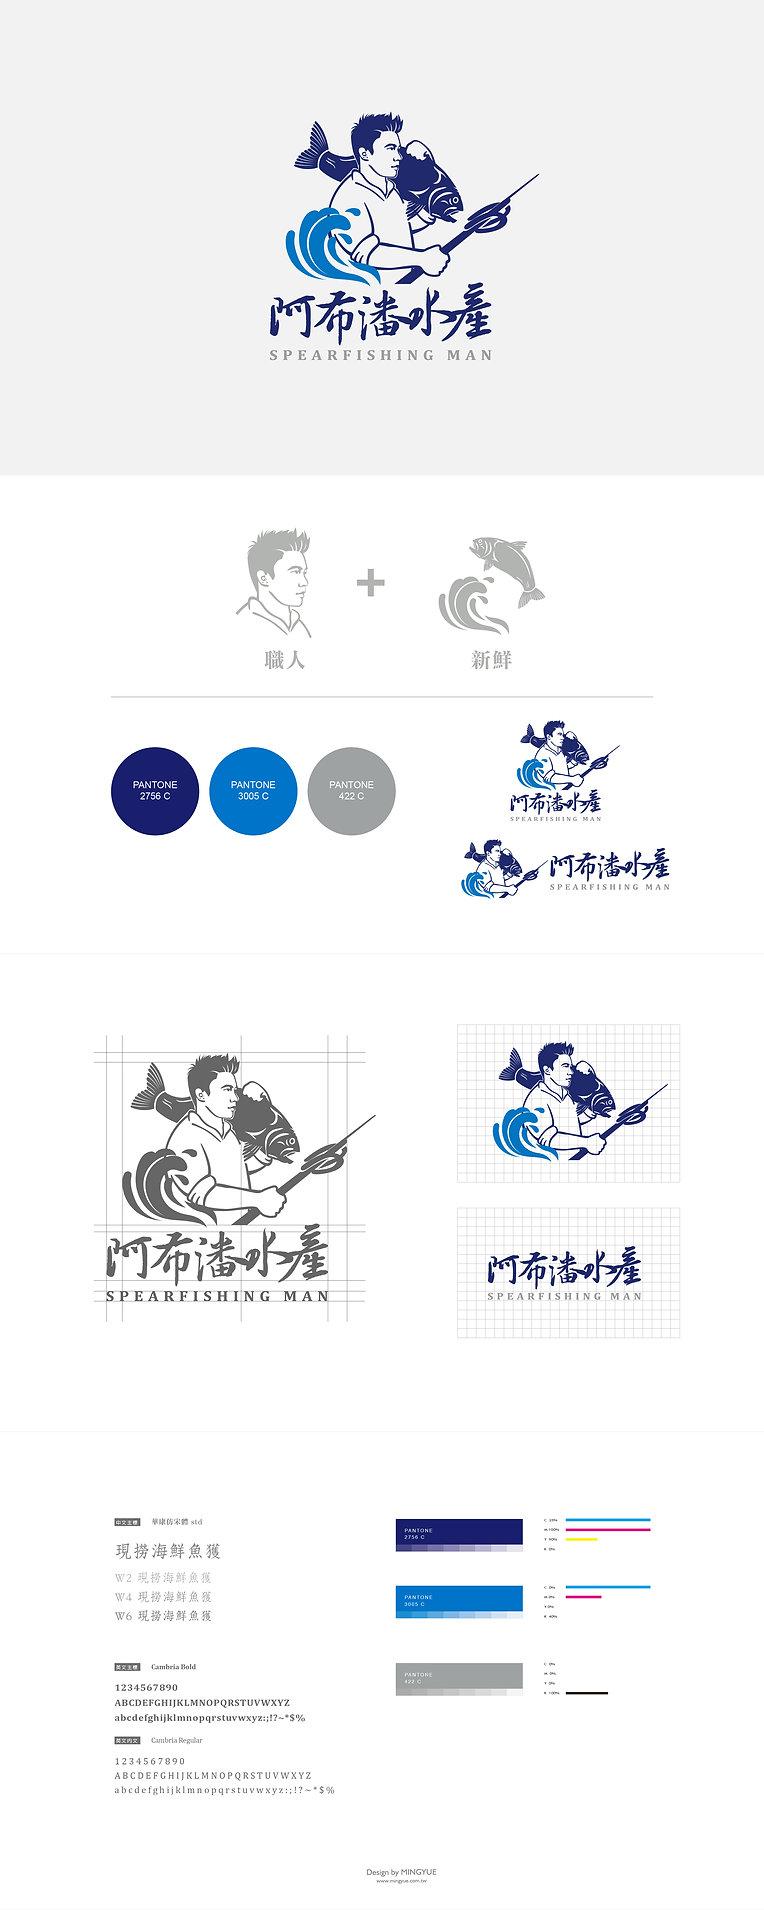 阿布潘水產品牌設計.jpg